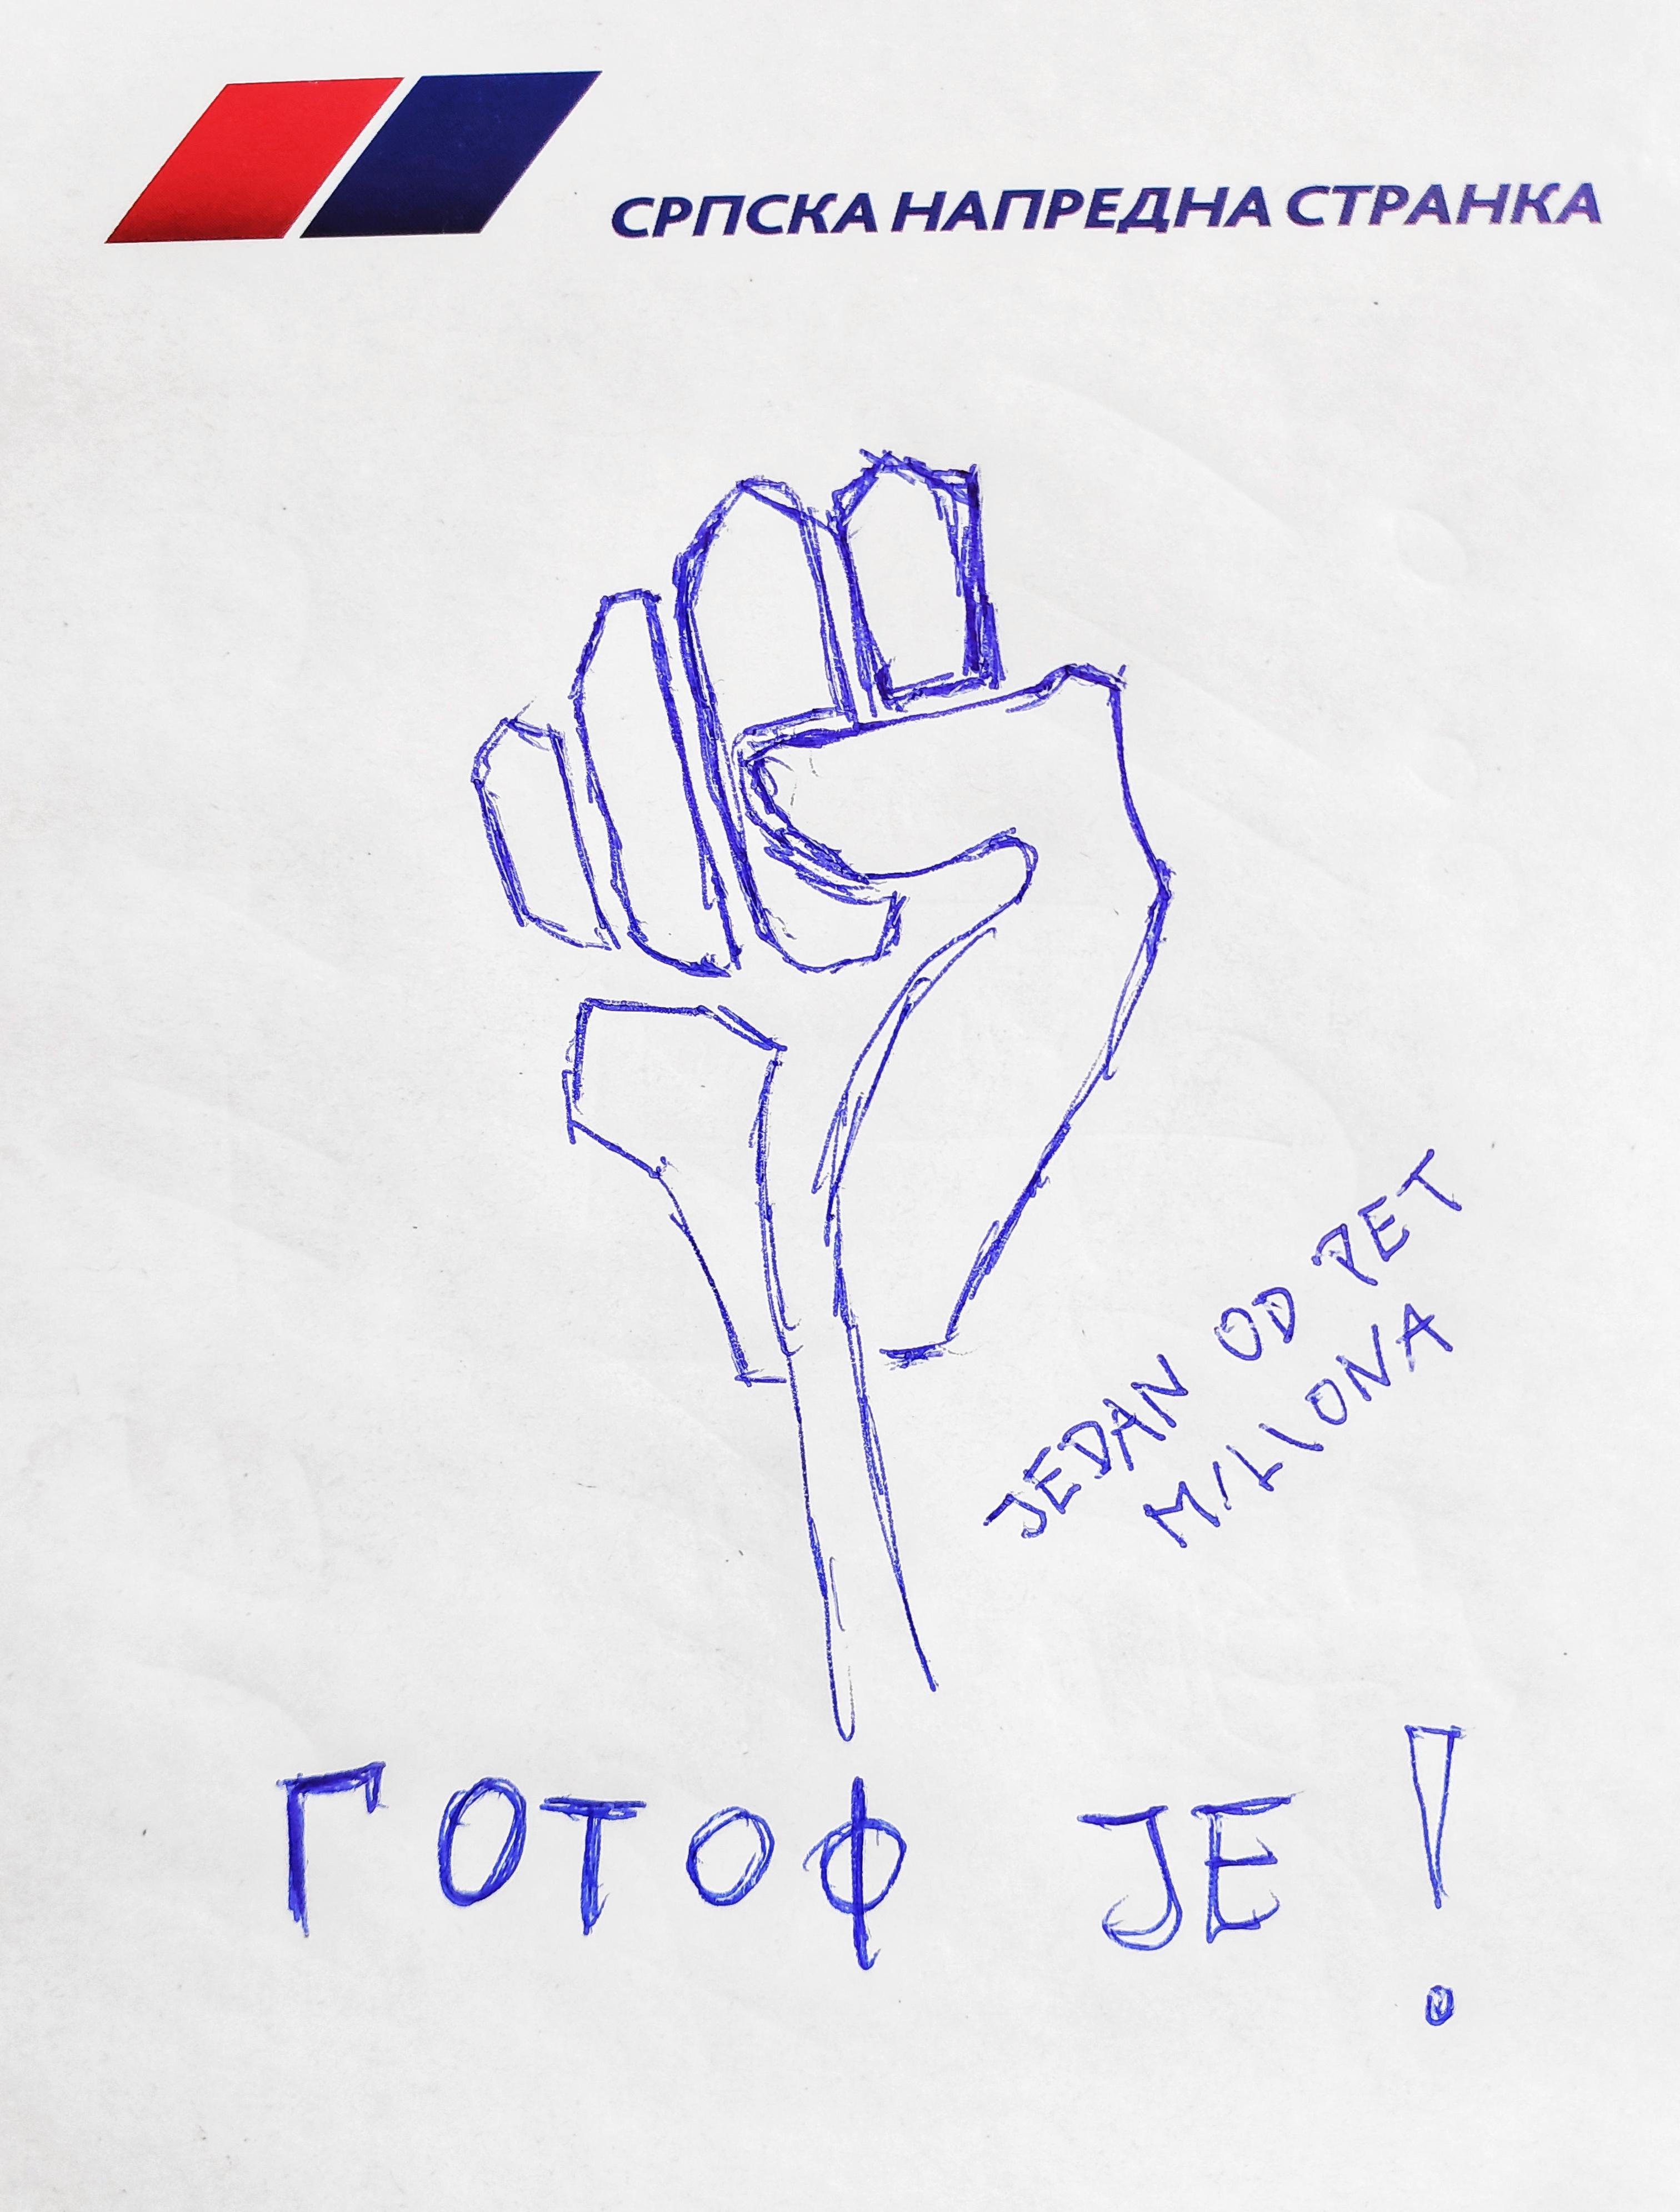 Gotov_je_!_